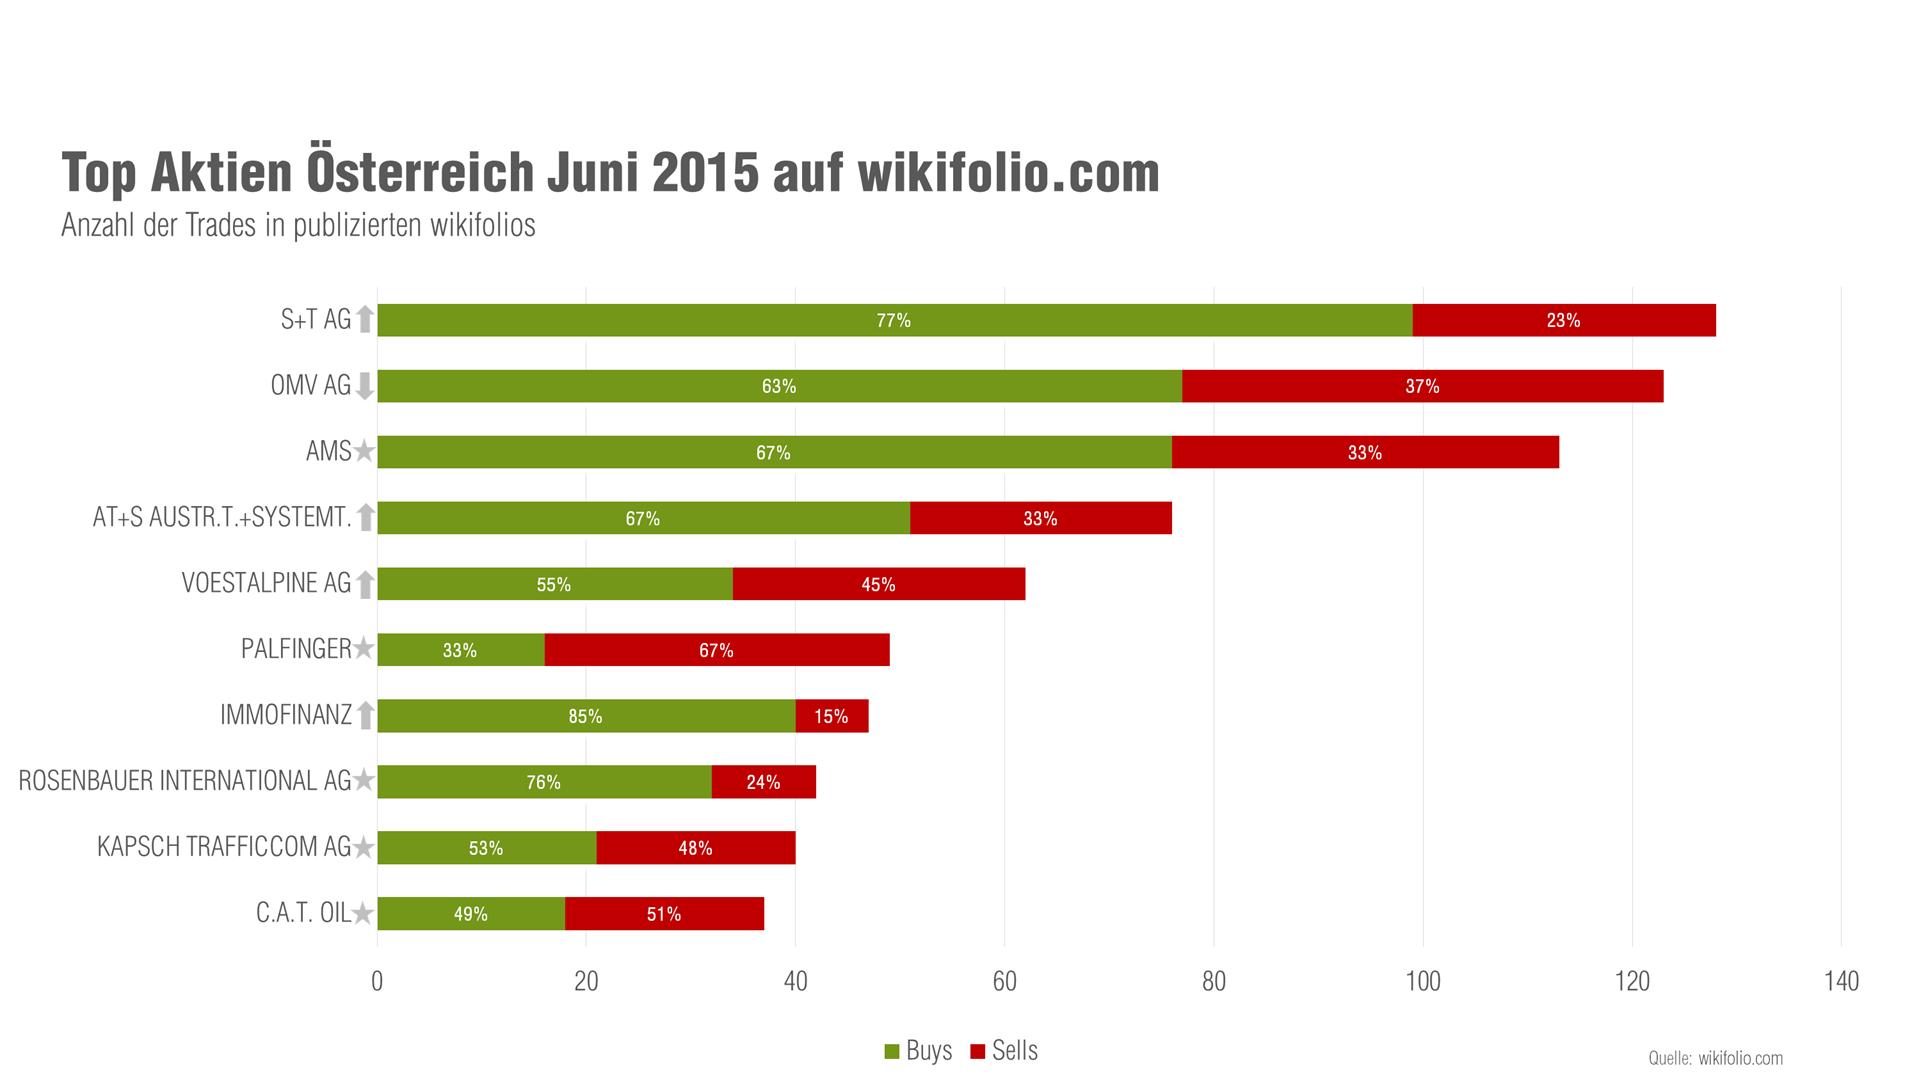 Österreichische Top-10-Aktien im Juni